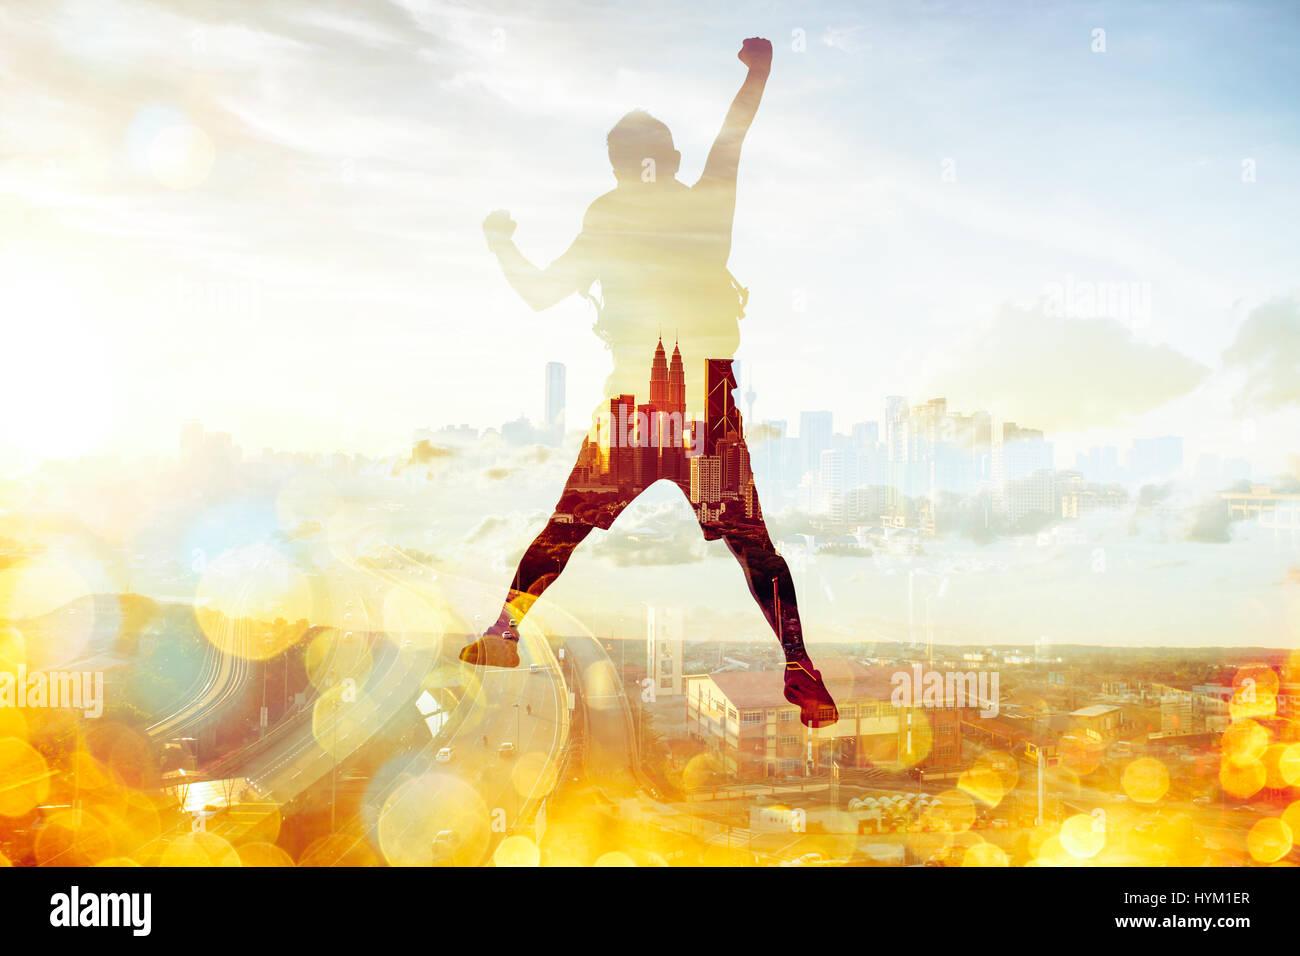 Mann springen auf dem Gipfel mit Panoramablick auf zeitgenössische Stadt Doppelbelichtung Effekt. Stockbild